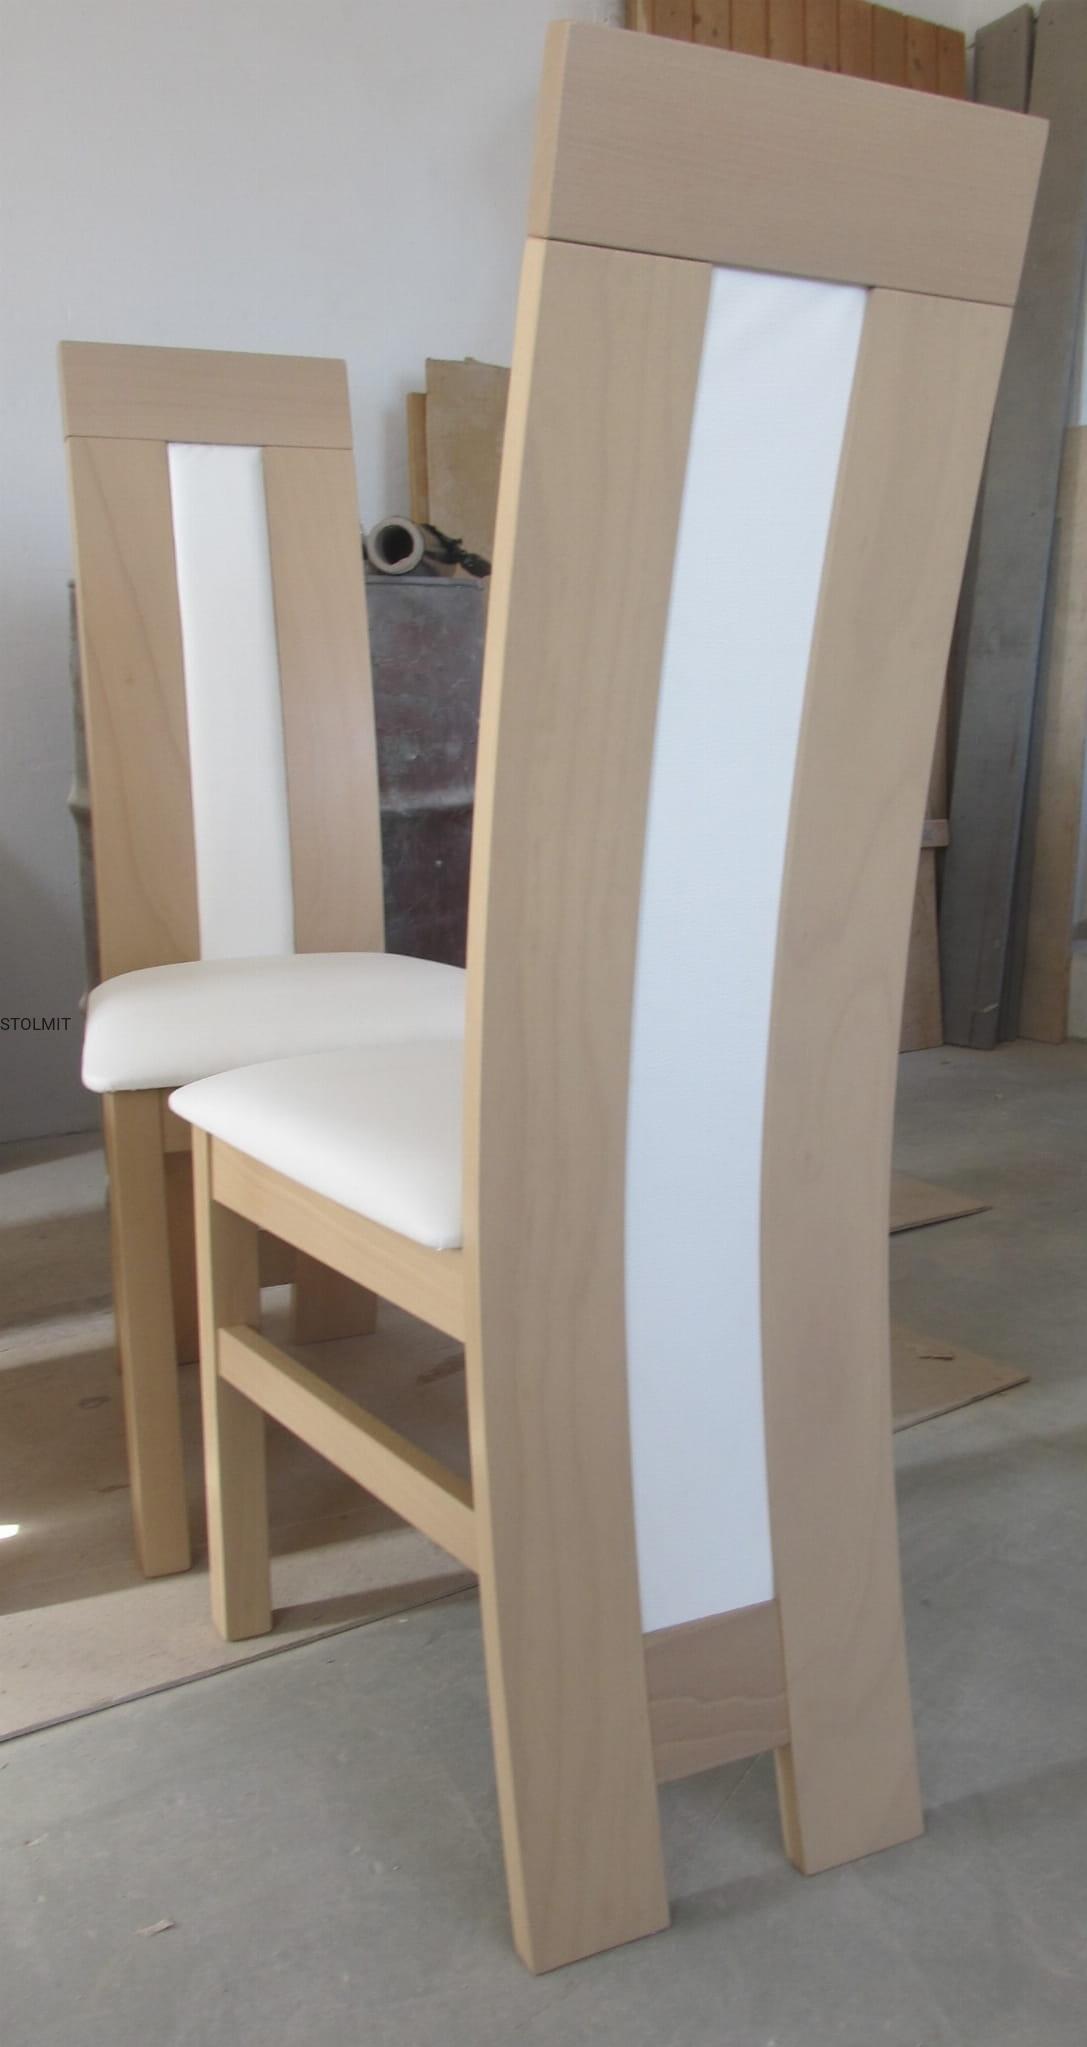 Fantastyczny Kwadratowy stół ze szkłem + 4 krzesła - dąb sonoma stolmit.meble NK27